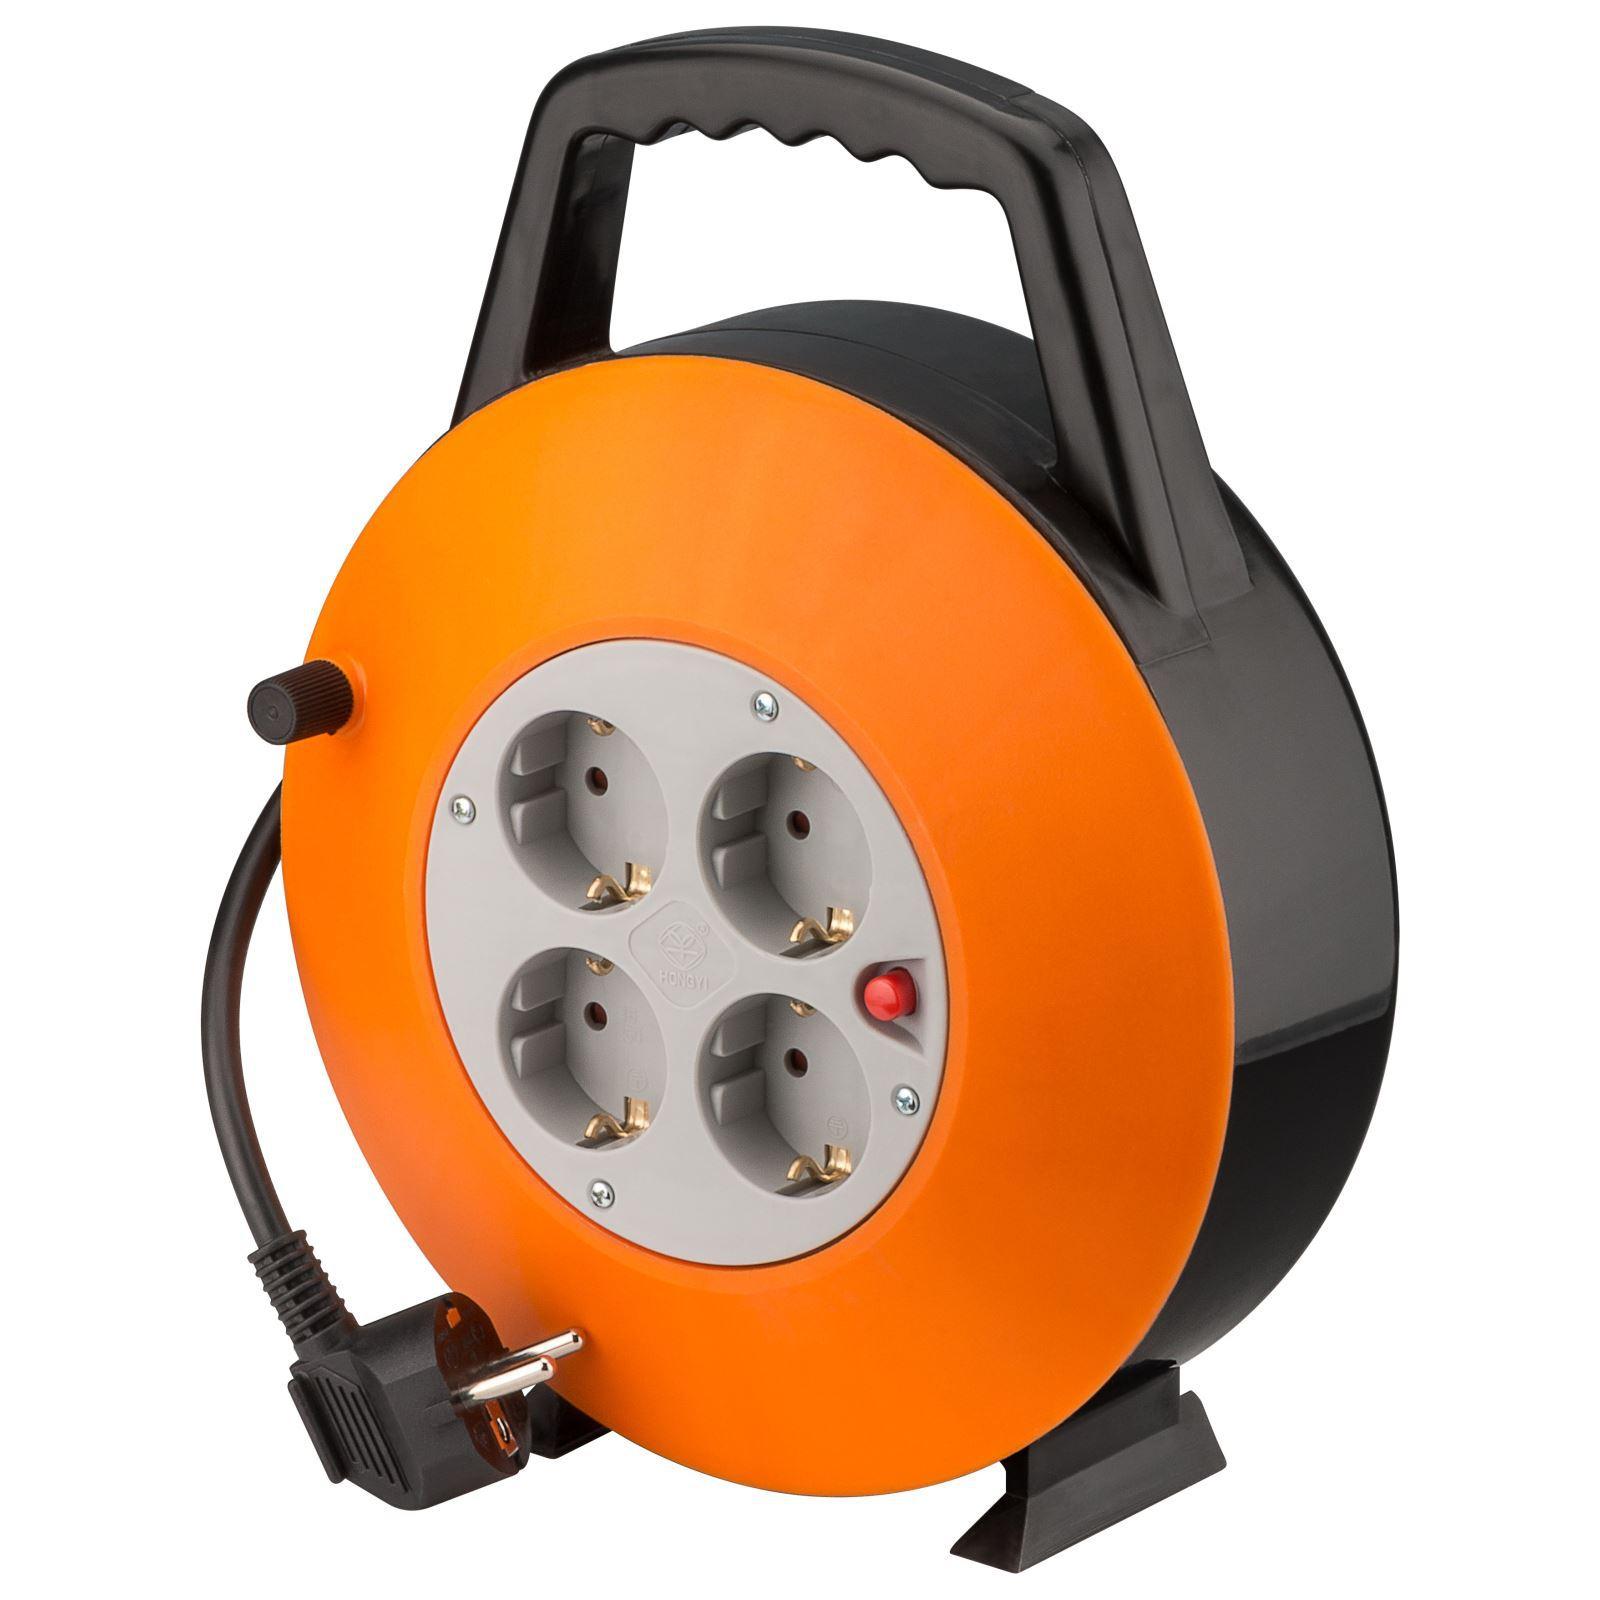 [NNB] goobay Kabeltrommel mit Kabelführung (4x Schutzkontakt-Steckdosen und Überspannungsschutz, 15m Kabel) für 11,98€